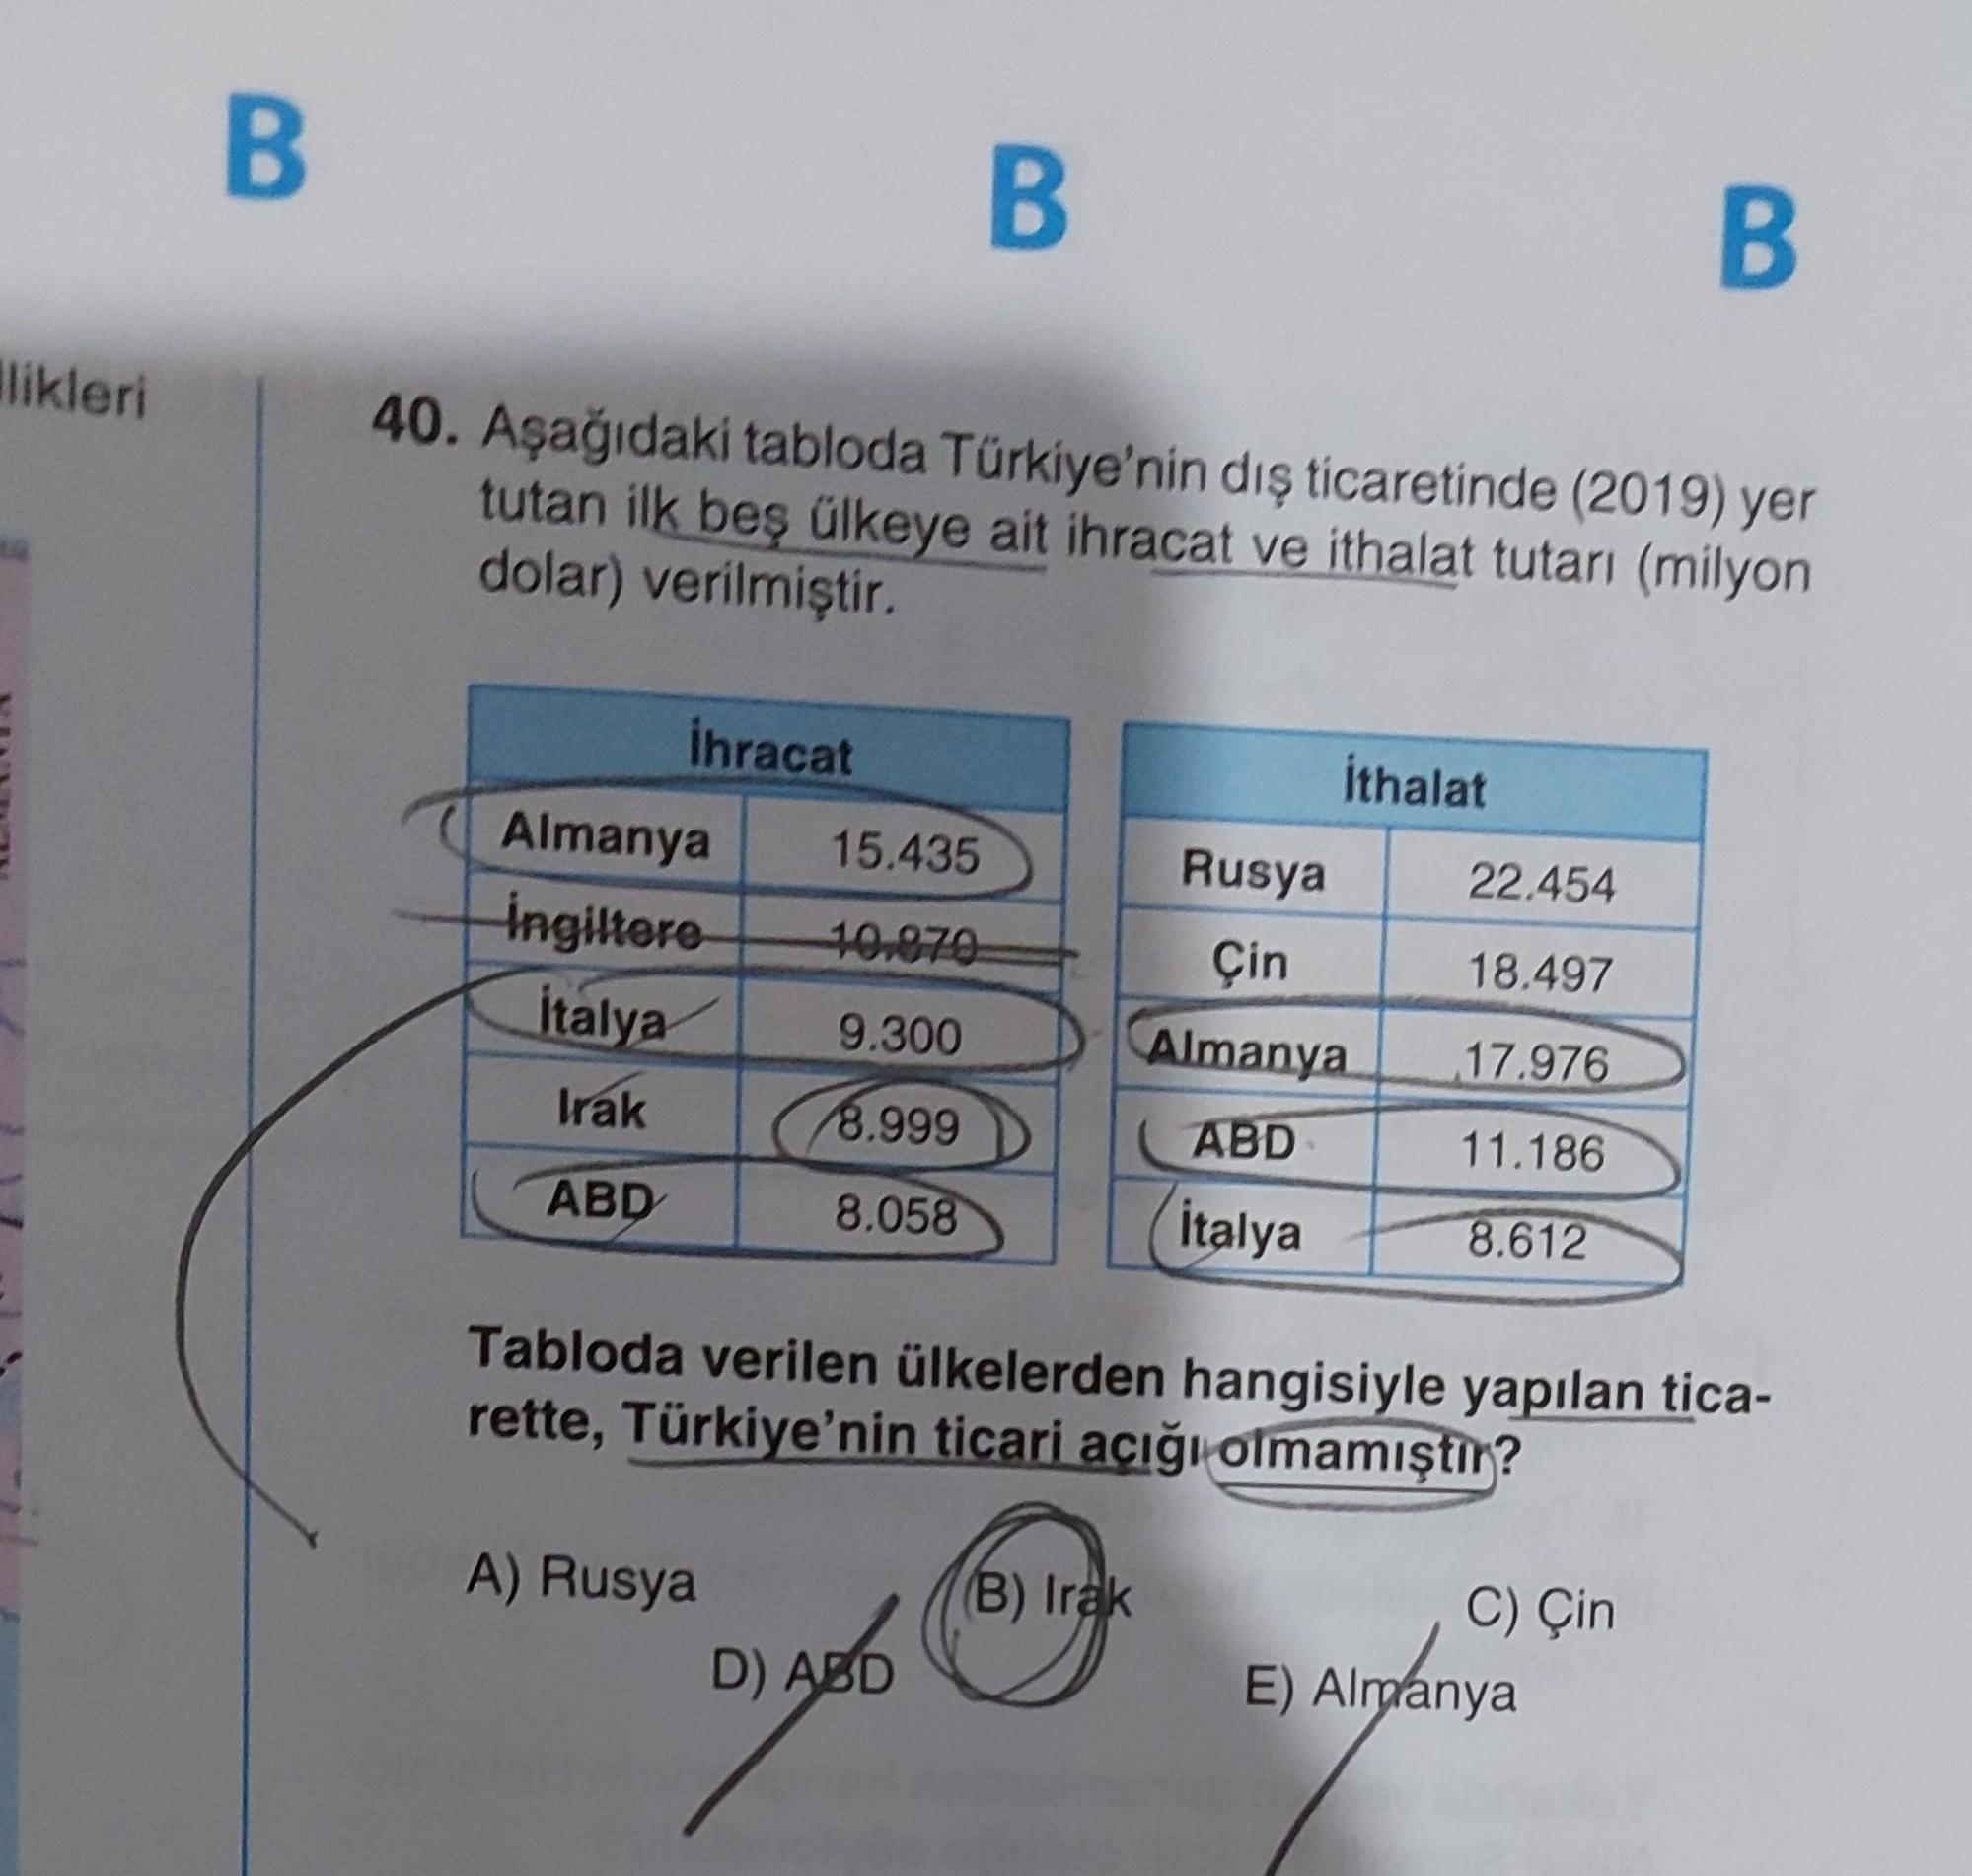 B B B Alikleri 40. Aşağıdaki tabloda Türkiye'nin dış ticaretinde (2019) yer tutan ilk beş ülkeye ait ihracat ve ithalat tutarı (milyon dolar) verilmiştir. ihracat İthalat 15.435 22.454 Almanya Ingiltere İtalya 10.070 Rusya Çin Almanya 18.497 9.300 17.976 l